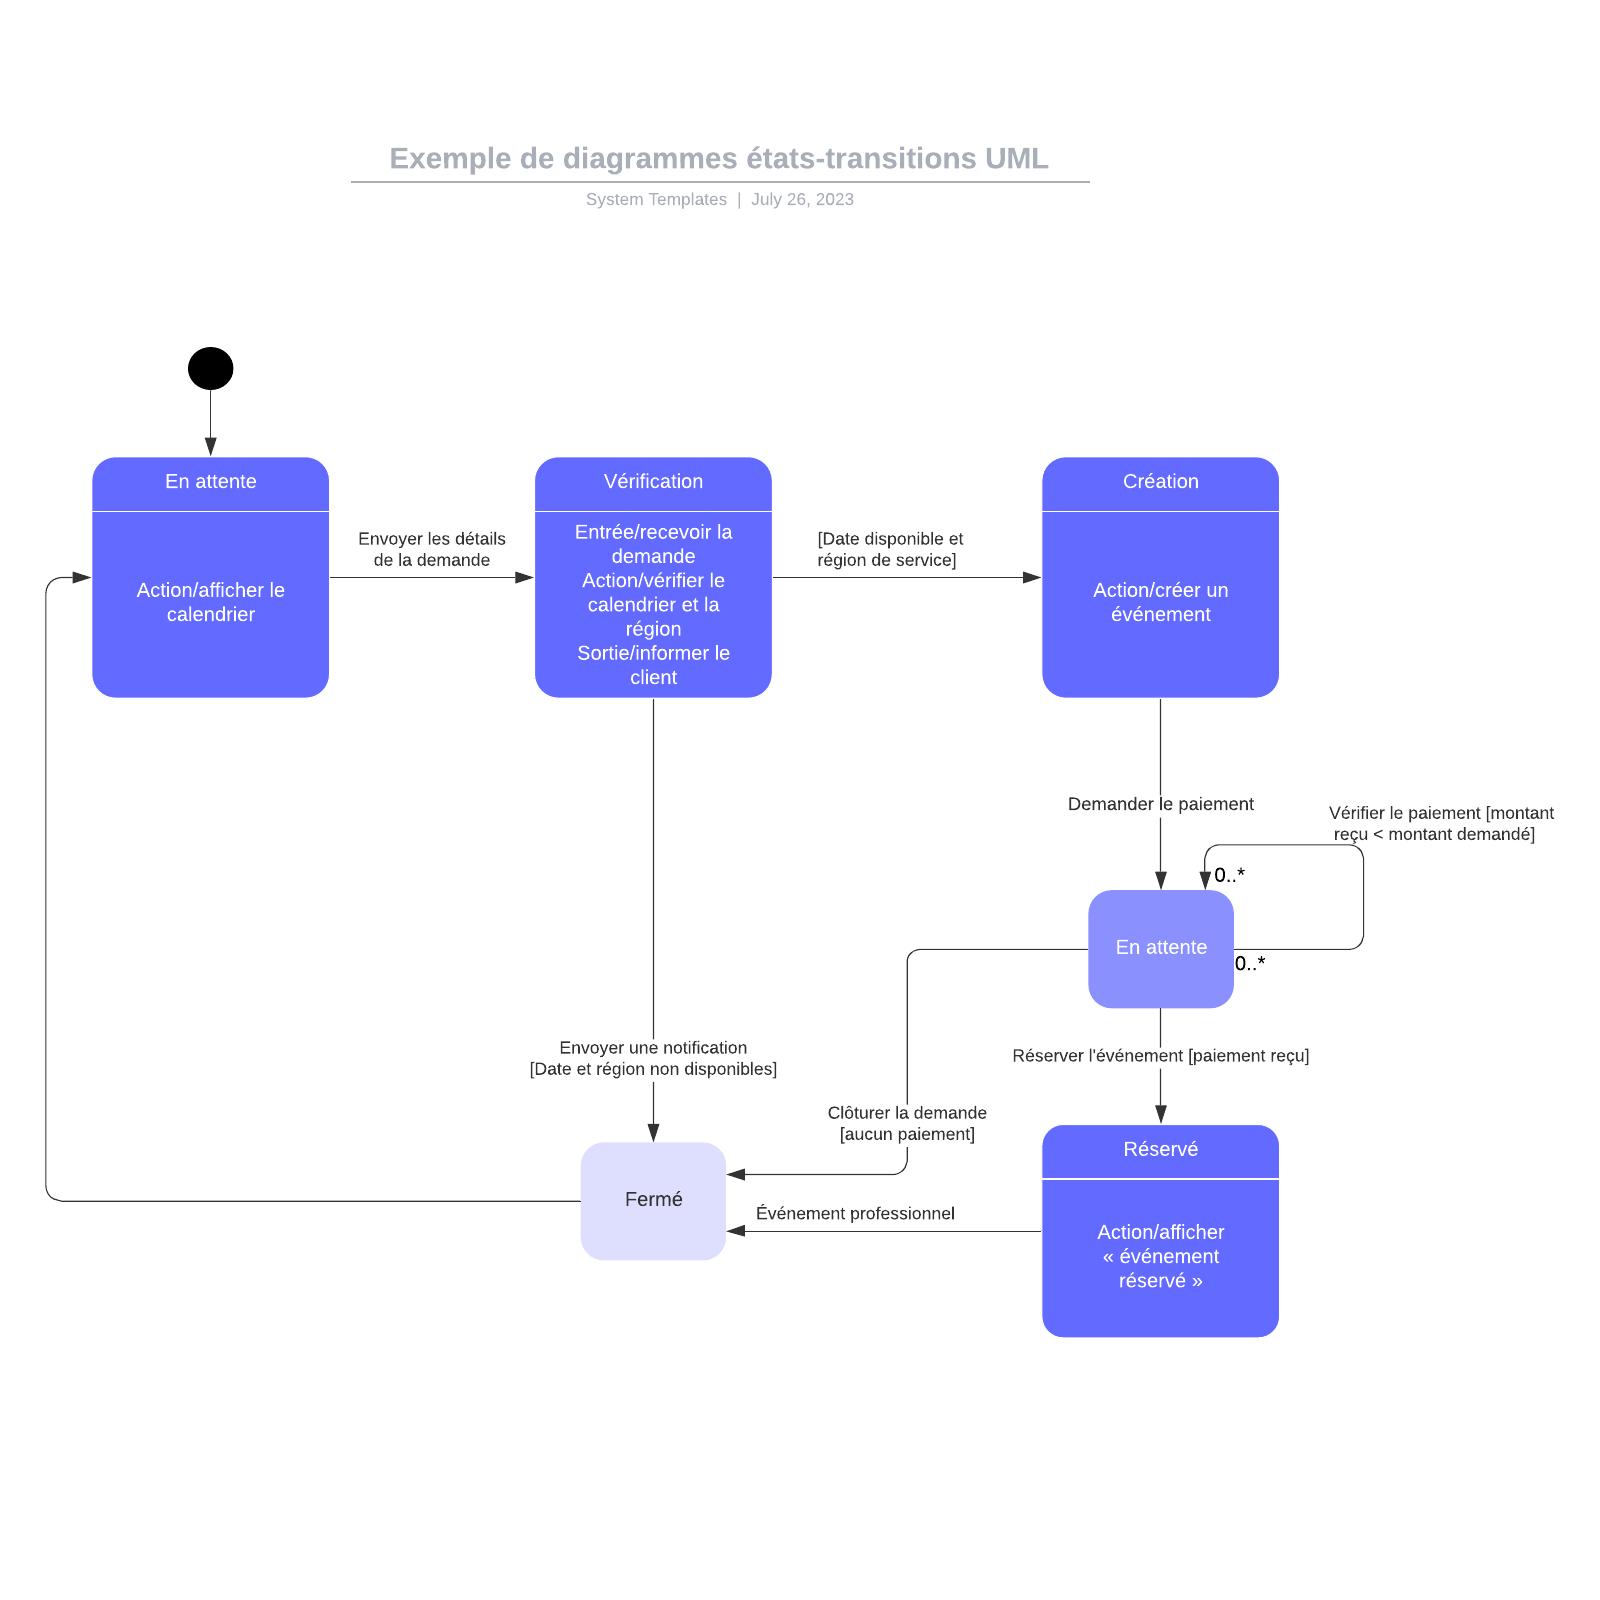 exemple de diagramme états-transitions UML d'un événement